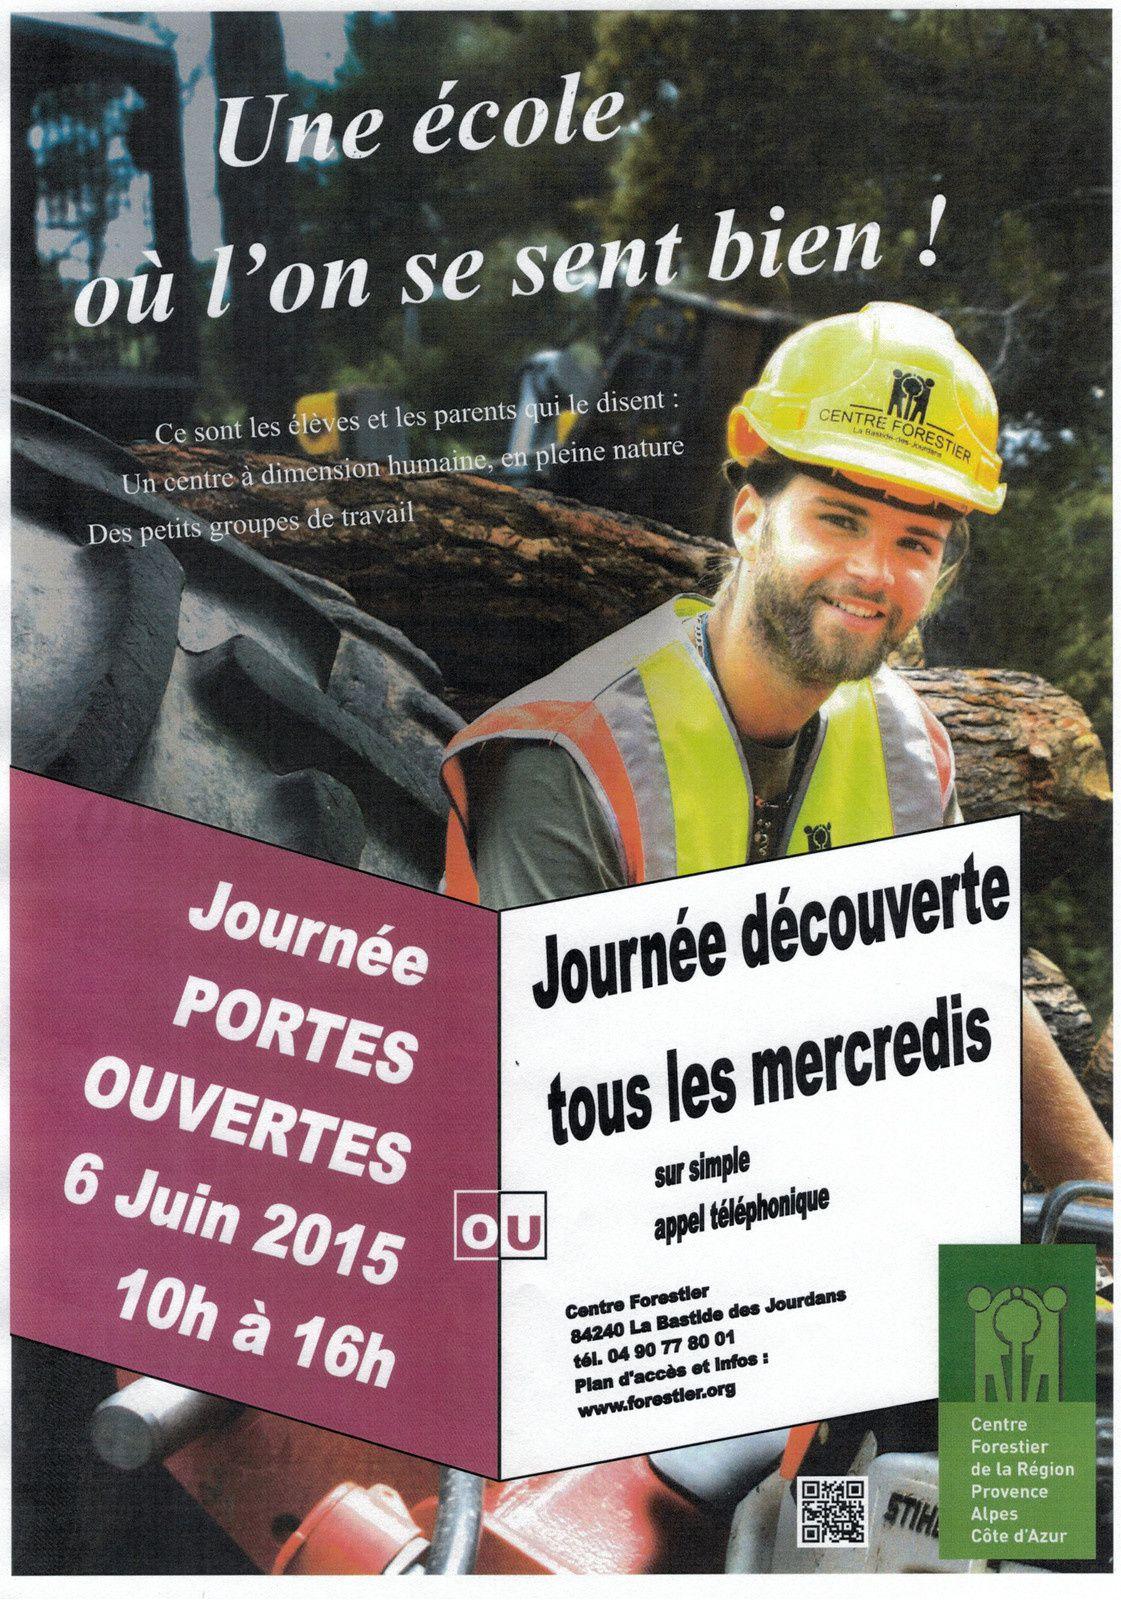 Formation aux métiers de la forêt: journée portes ouvertes La Bastide des Jourdans samedi 06/06/2015